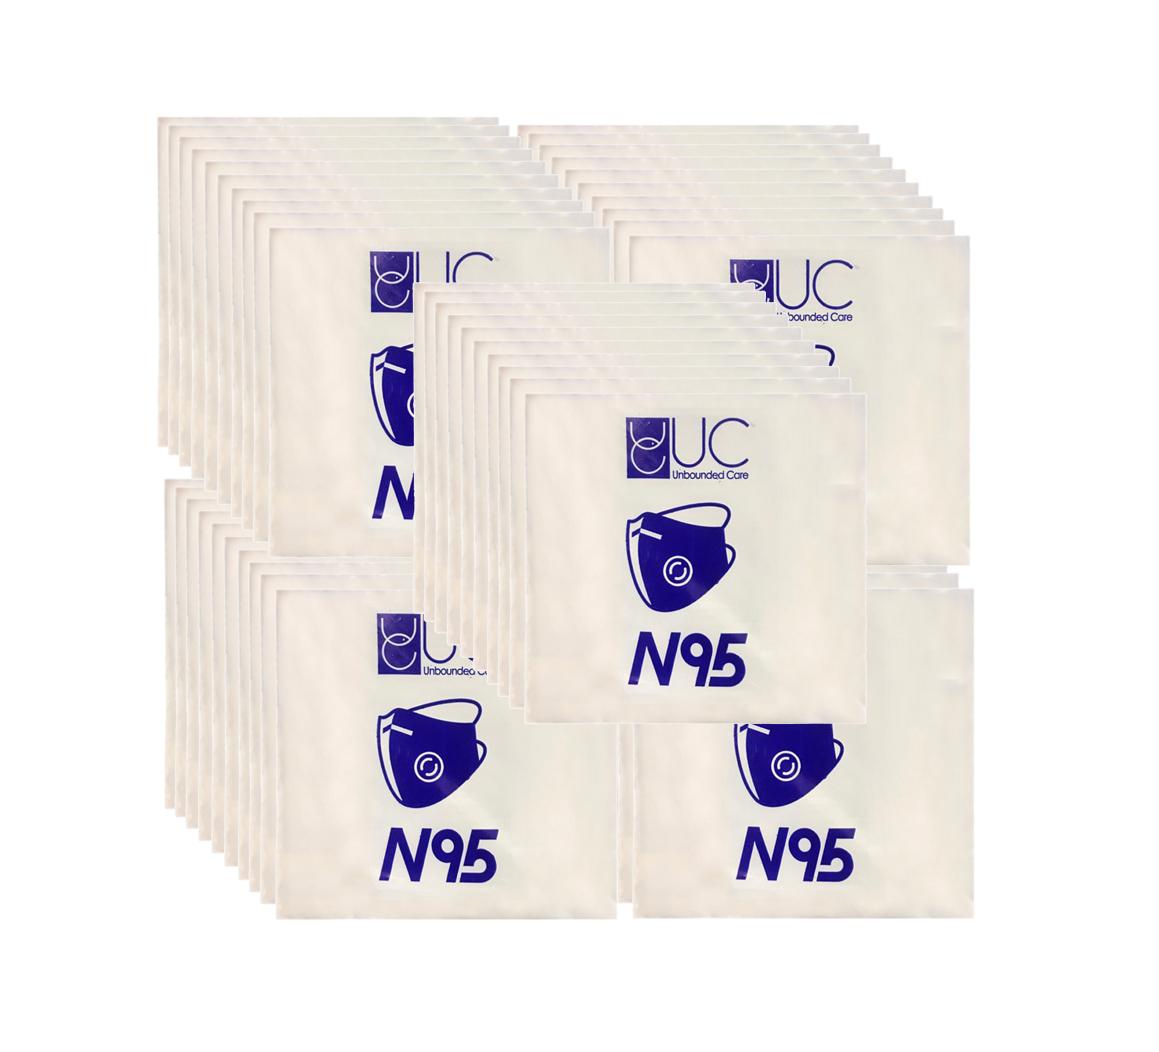 ماسک N95 فیلتر دار 50 عددی نرخ دولتی ( -ارسال رایگان )